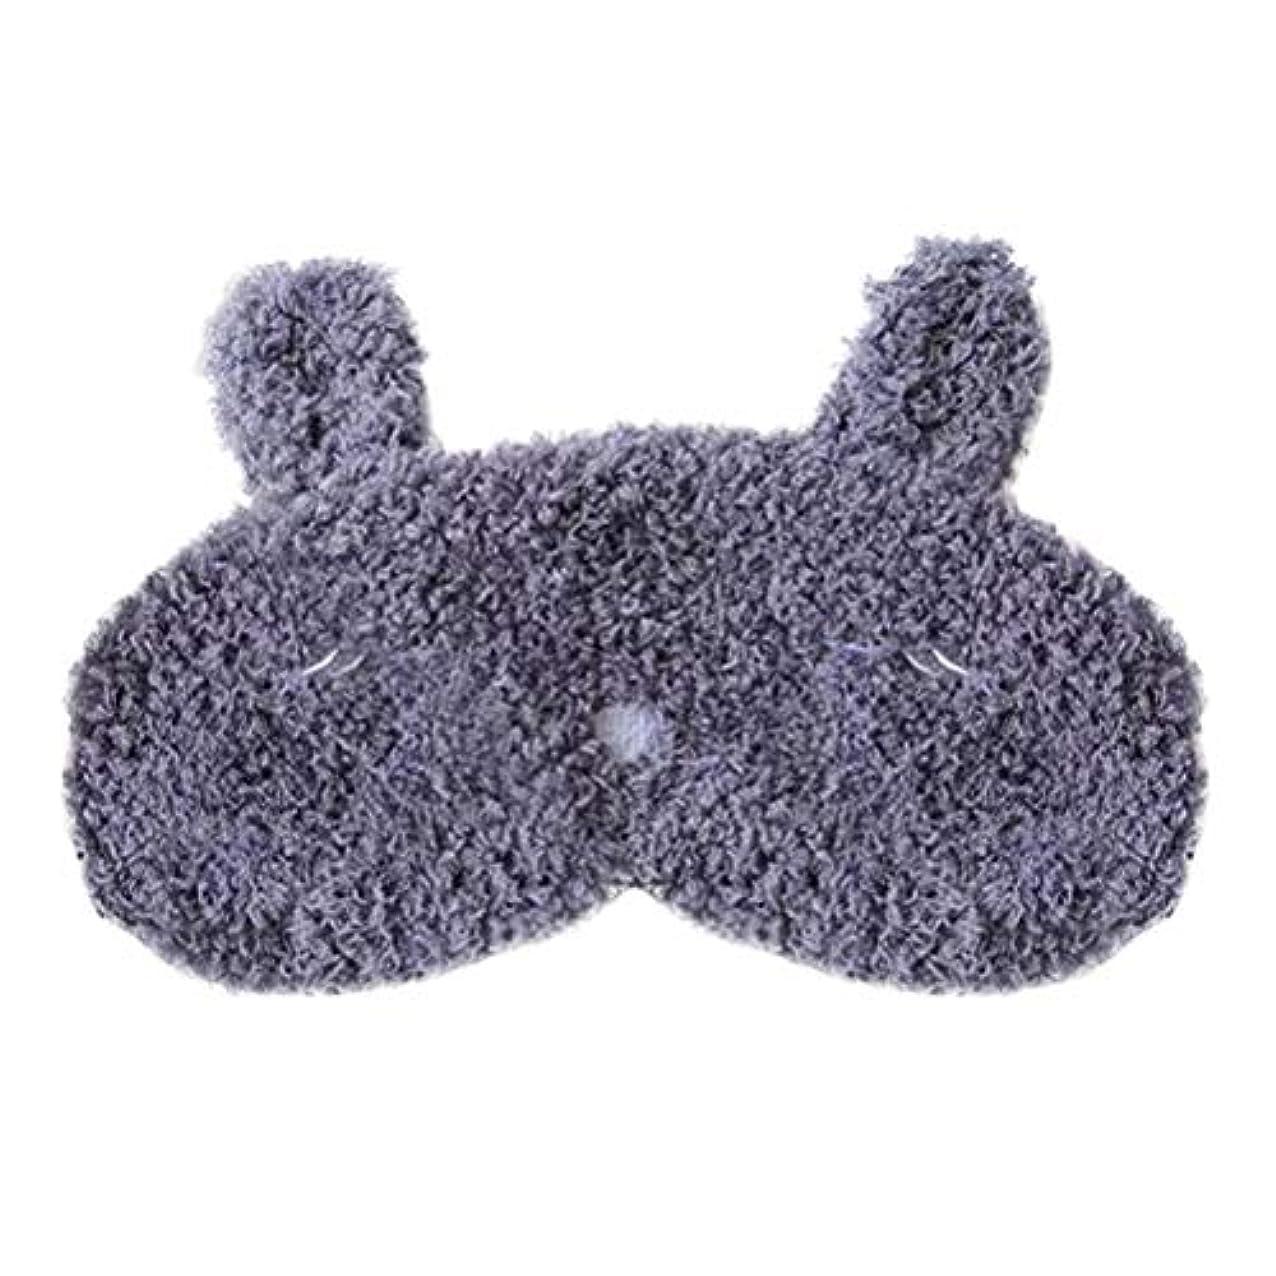 良さラバメナジェリーHEALIFTY かわいいアイマスクアイシェッドカーネーションアイマスクウサギのキャットアイパッチ(睡眠ニップ(ネイビー)